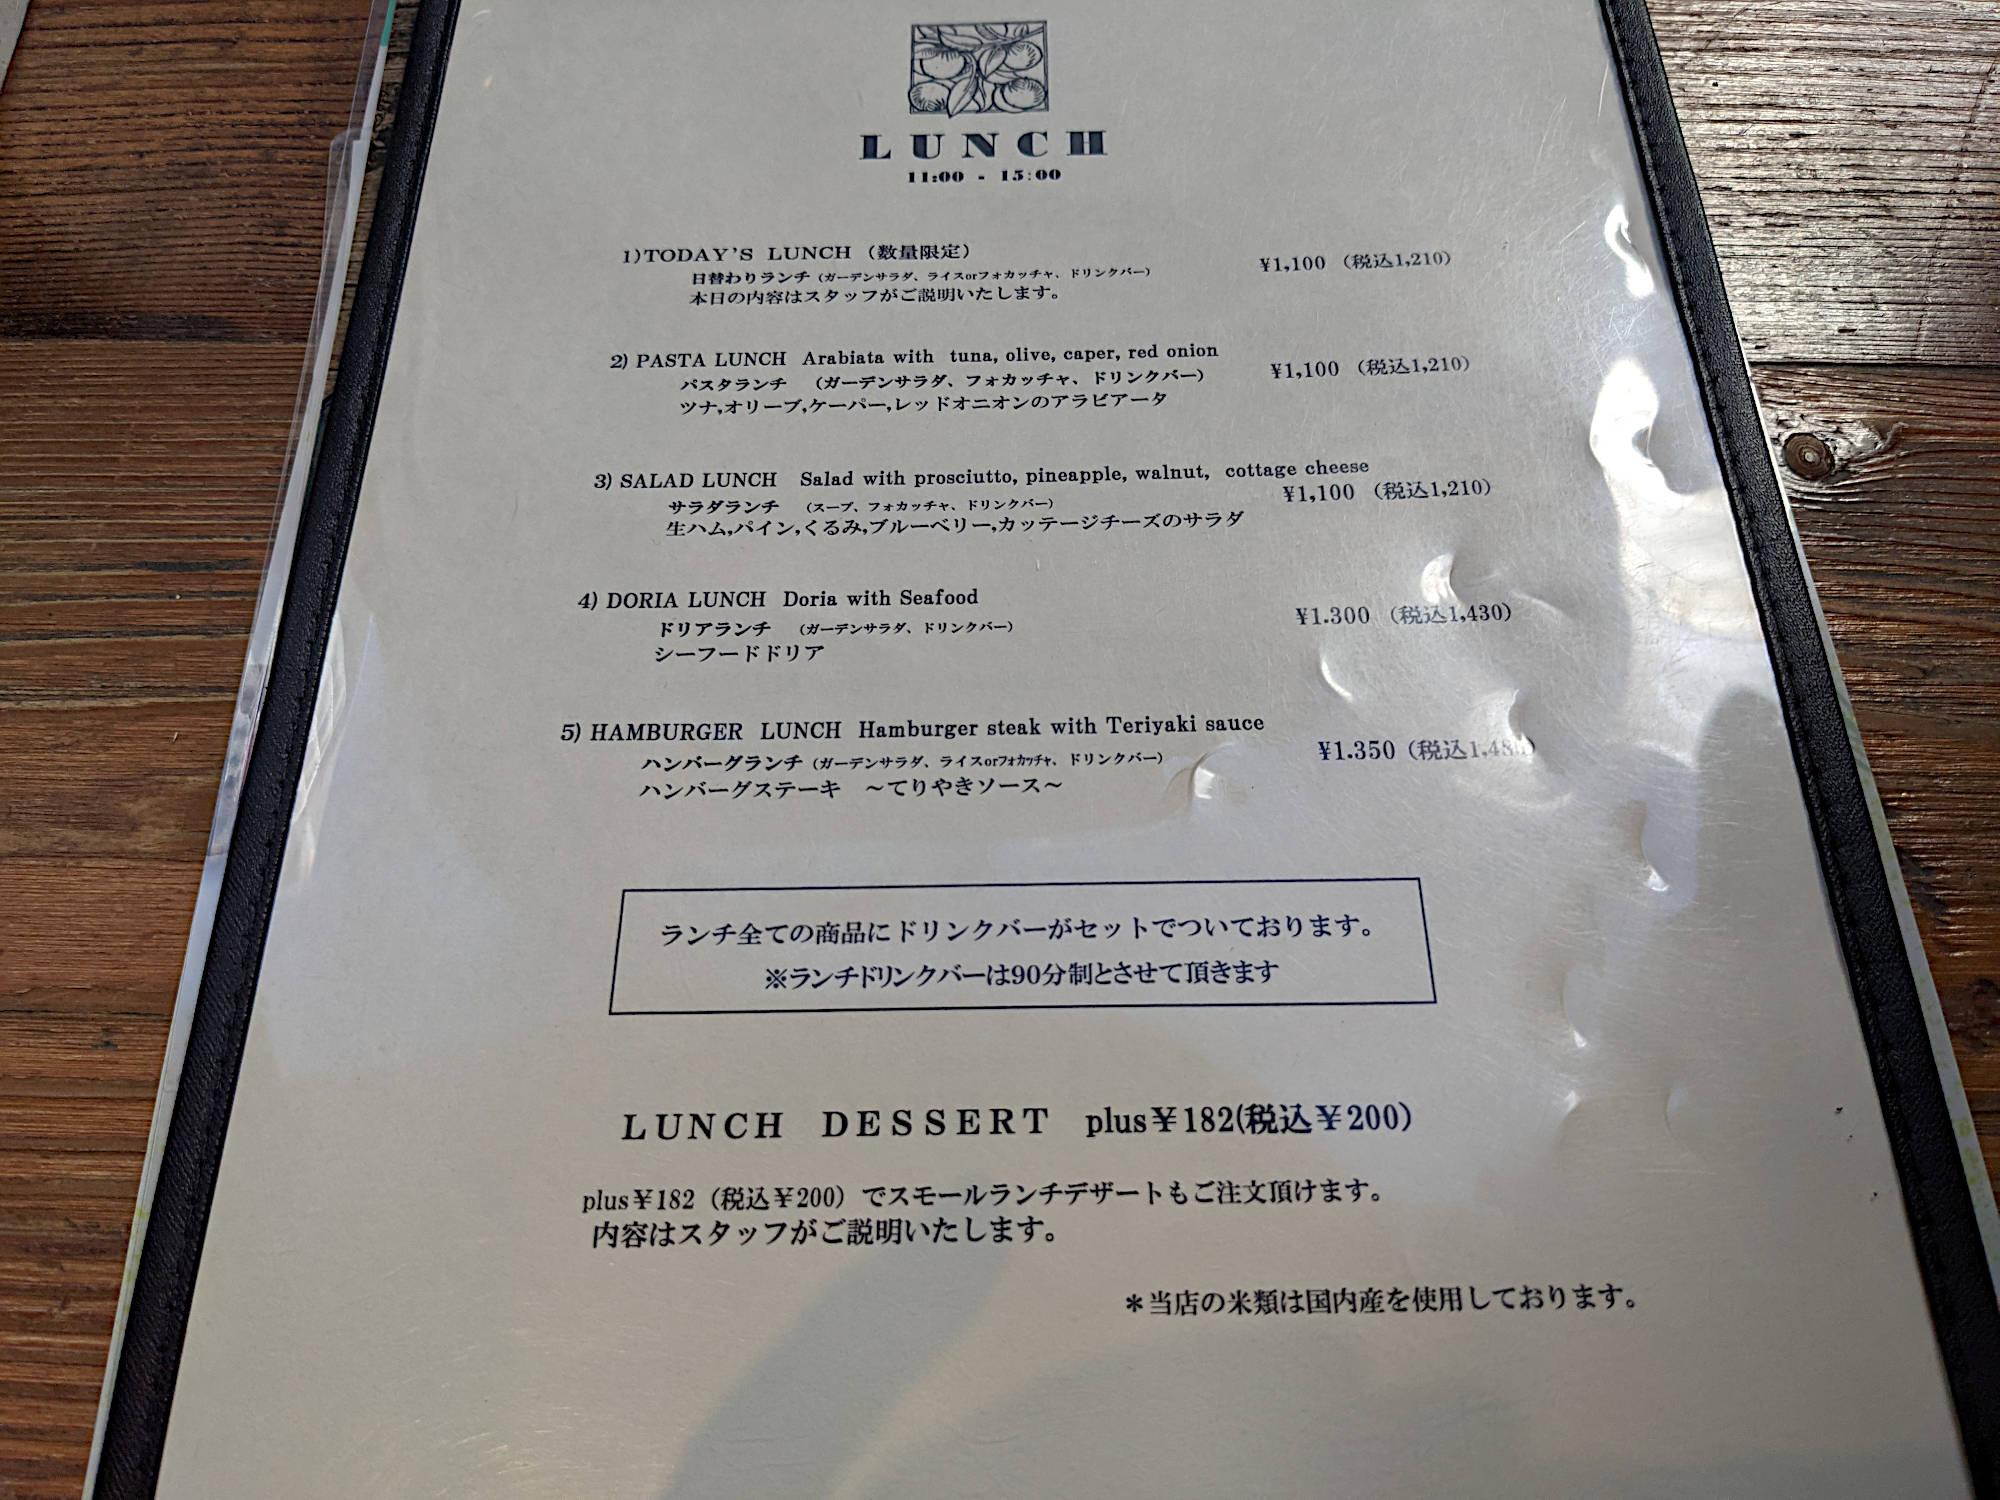 ロイヤルガーデンカフェのランチメニュー